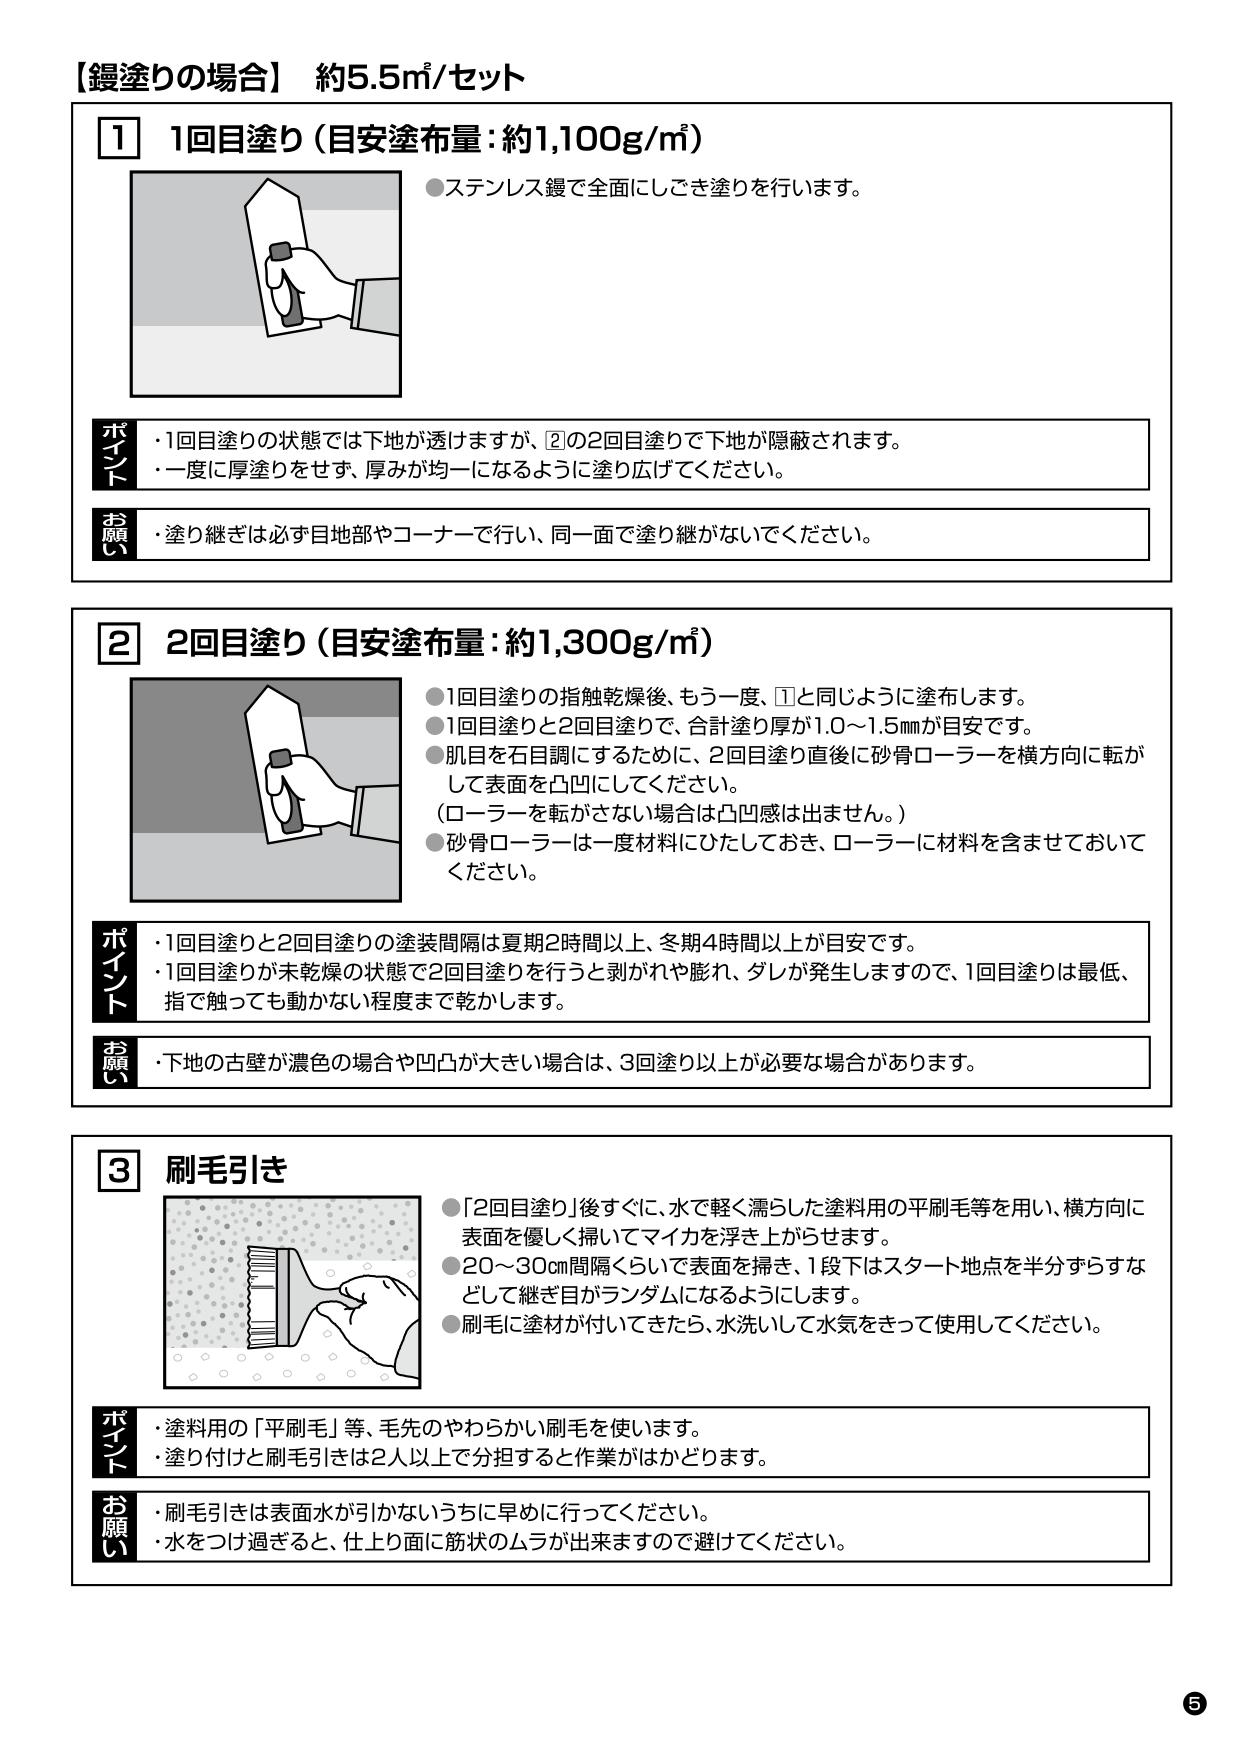 パレットCXローラー塗りタイプ 施工要領書_page-0005